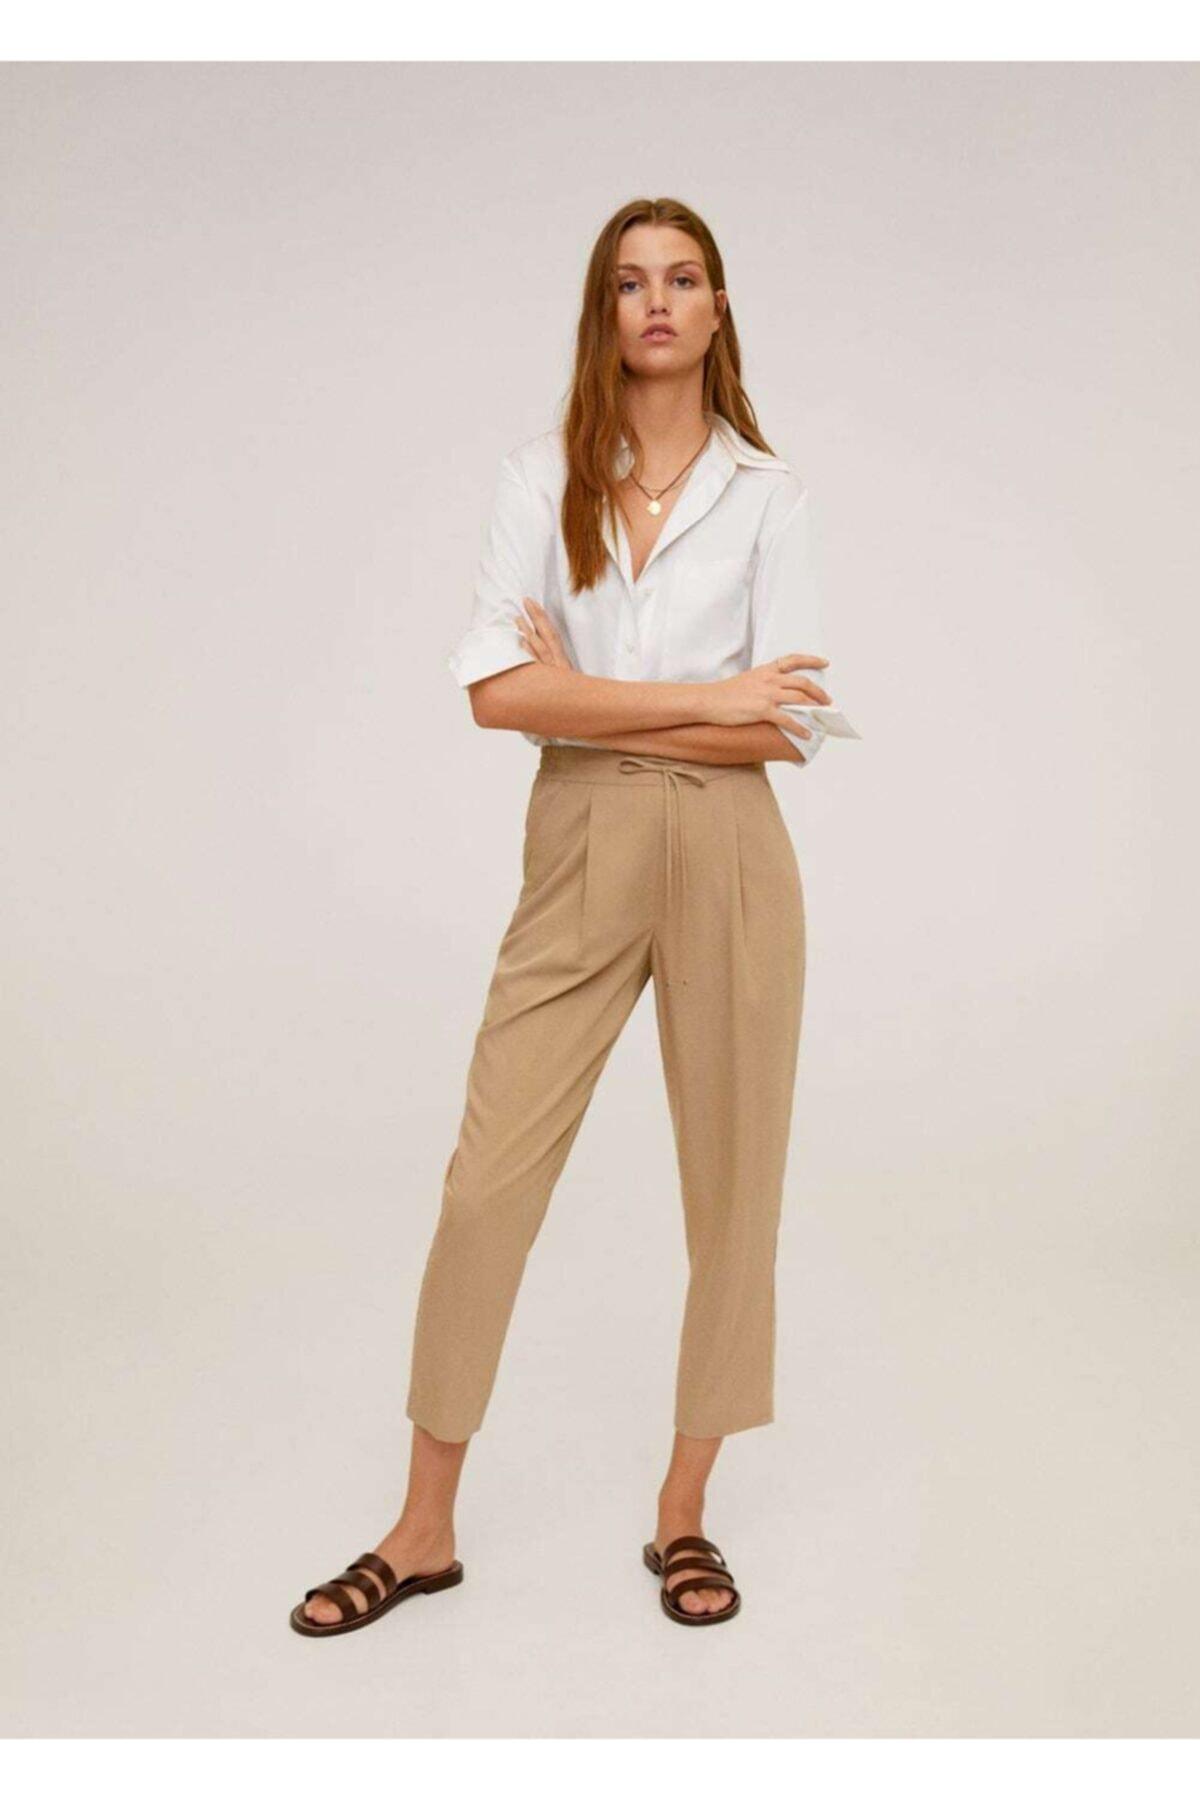 MANGO Woman Kadın Orta Kahverengi Bağcıklı Takım Pantolon 67056705 2